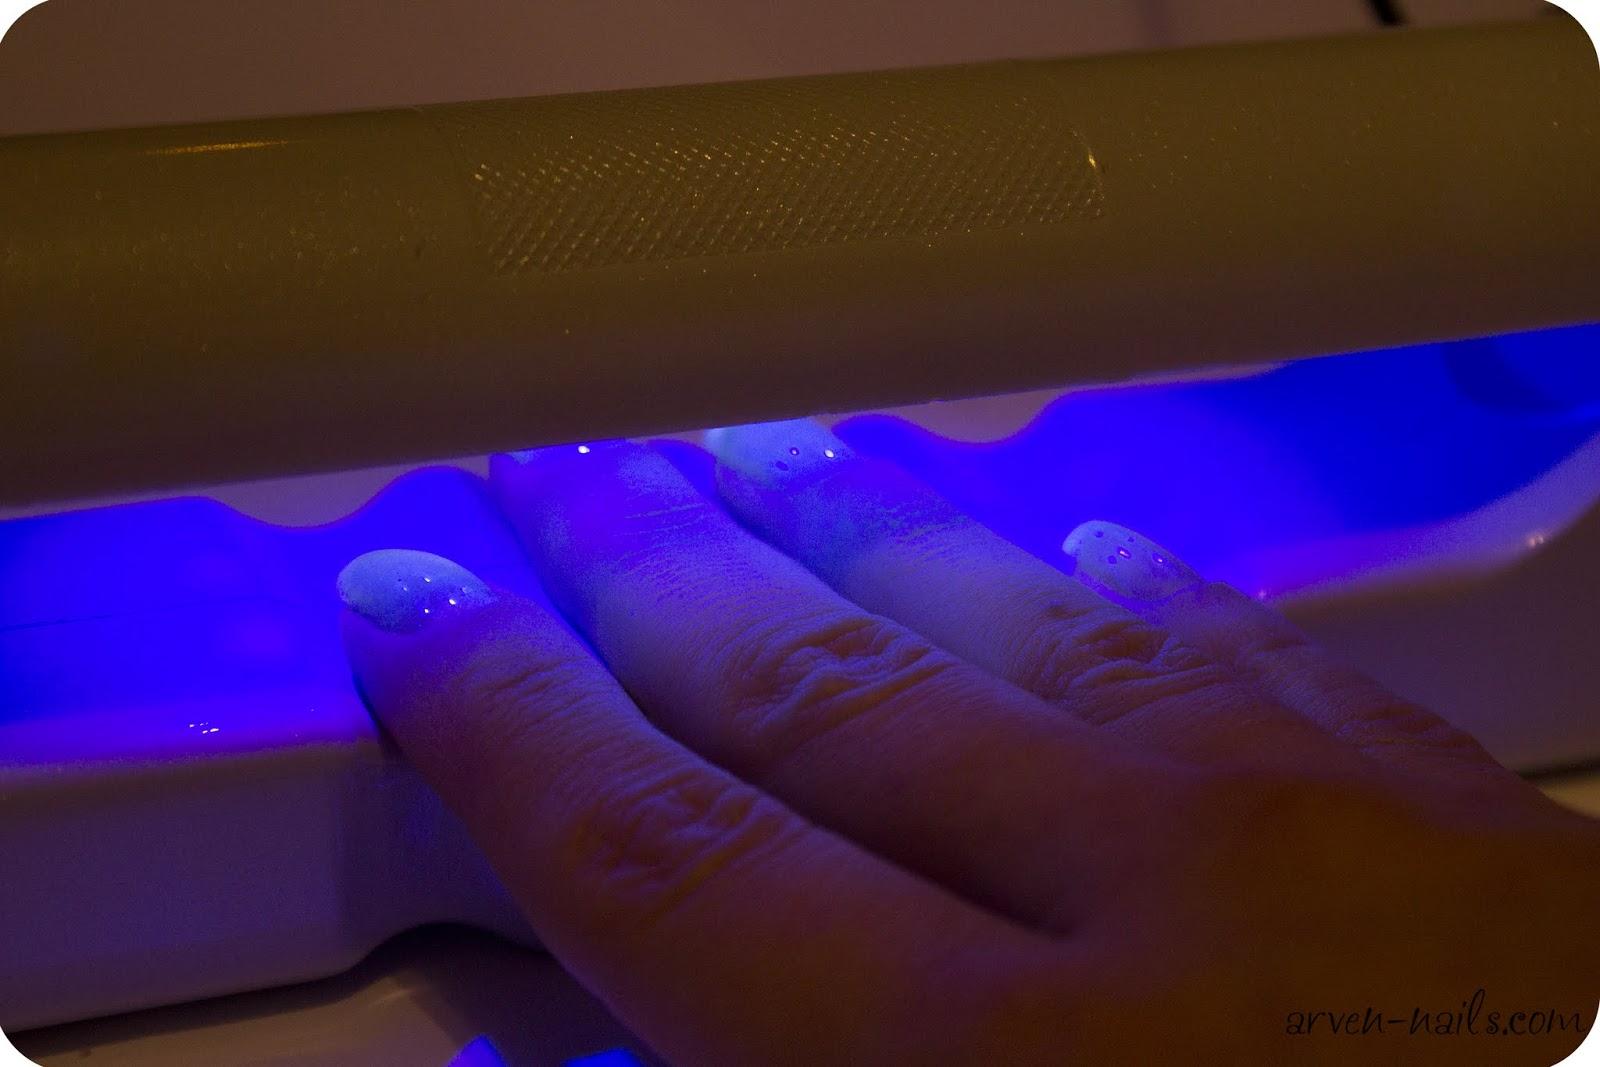 Сушка для ногтей ультрафиолетовая своими руками